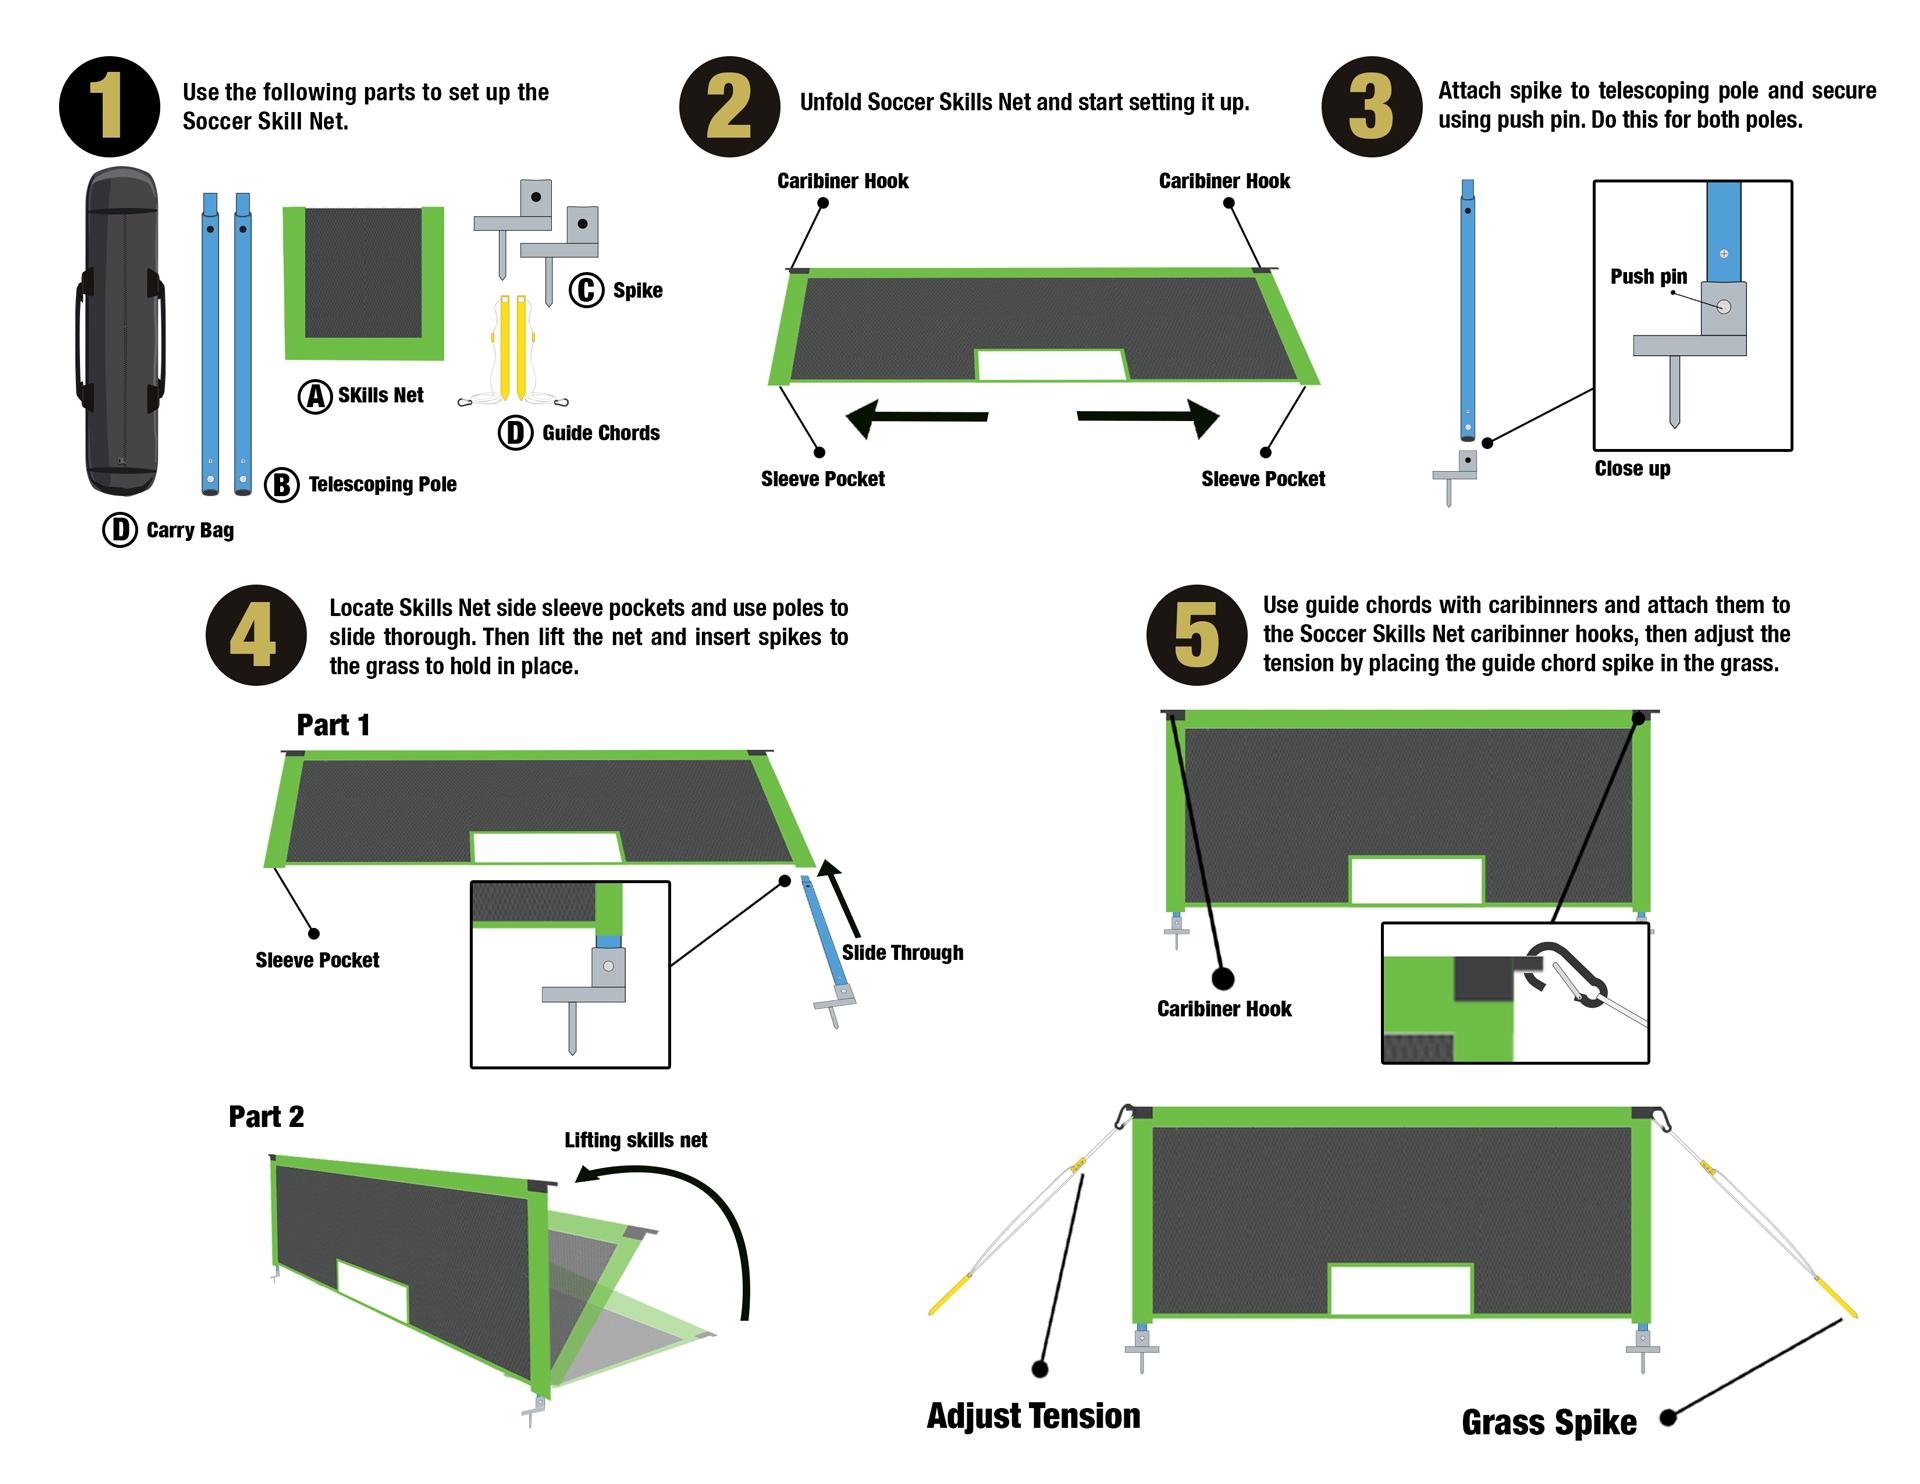 skills-net-instructions.jpg